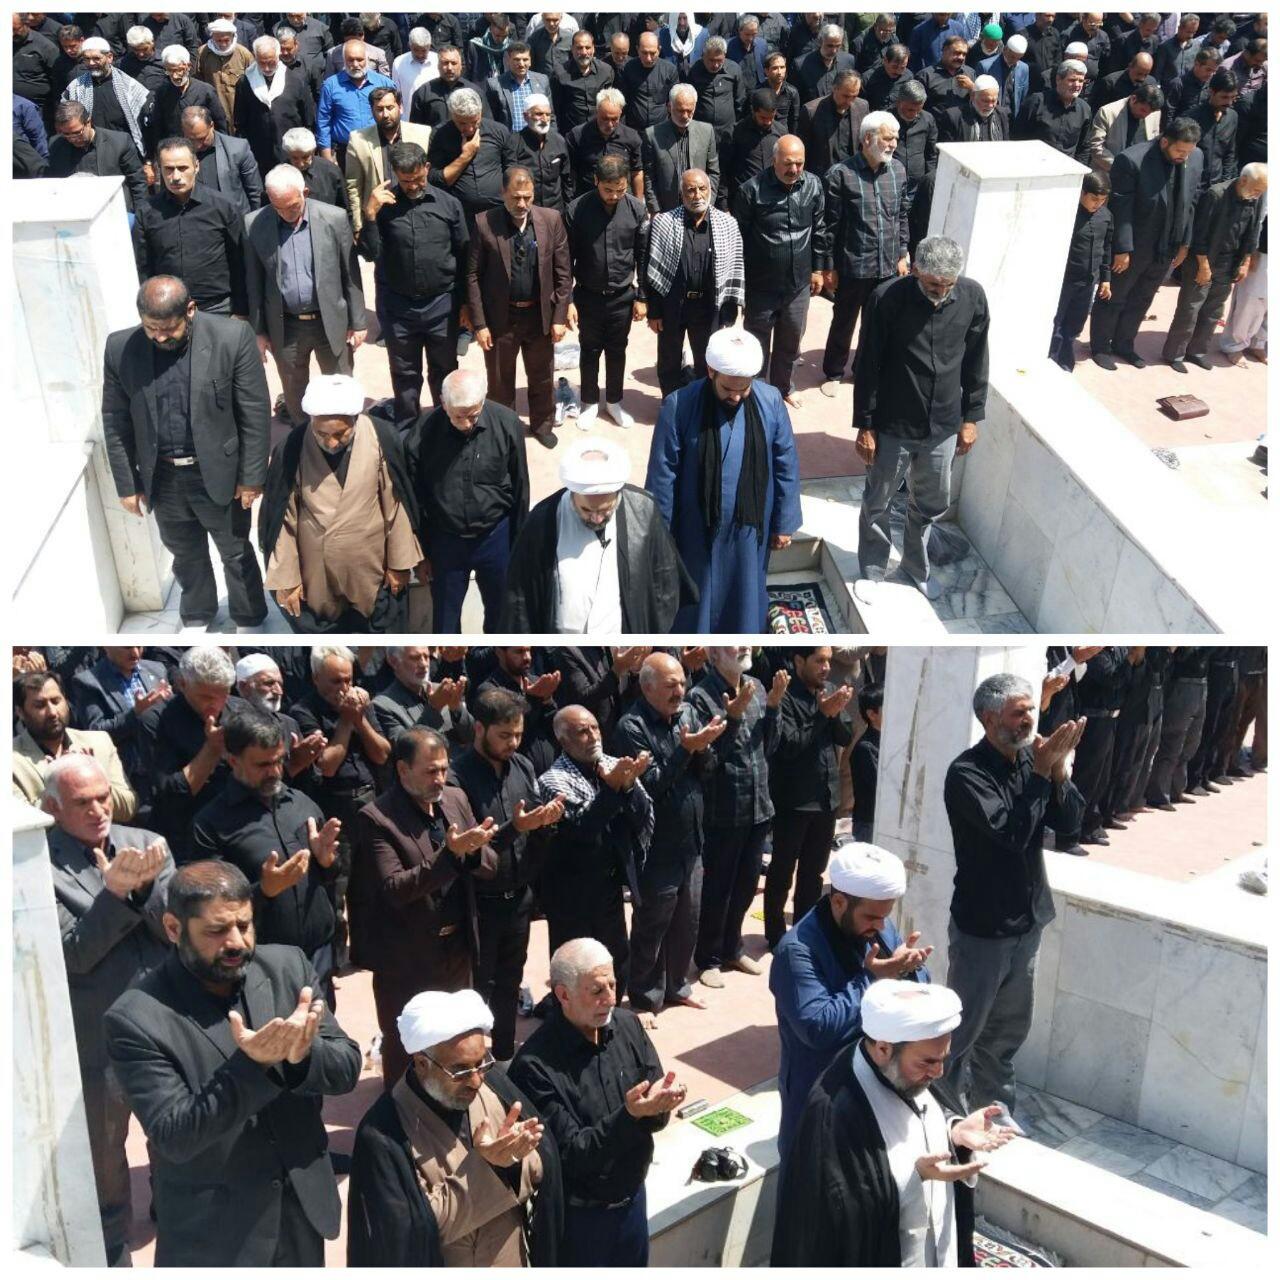 نماز ظهر عاشورا در زاهدان اقامه شد+تصاویر